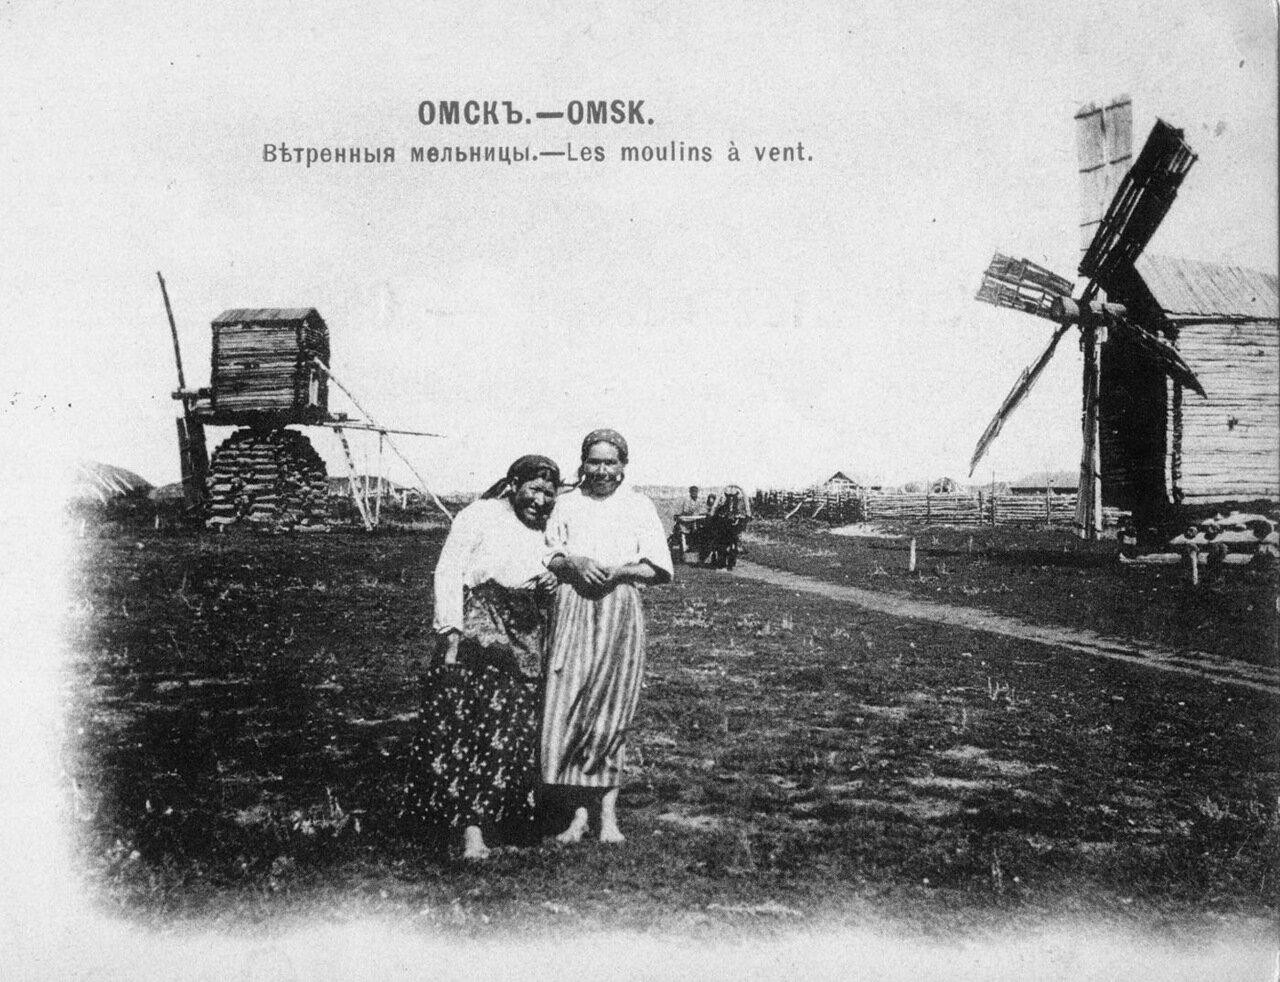 Омск. Ветренные мельницы